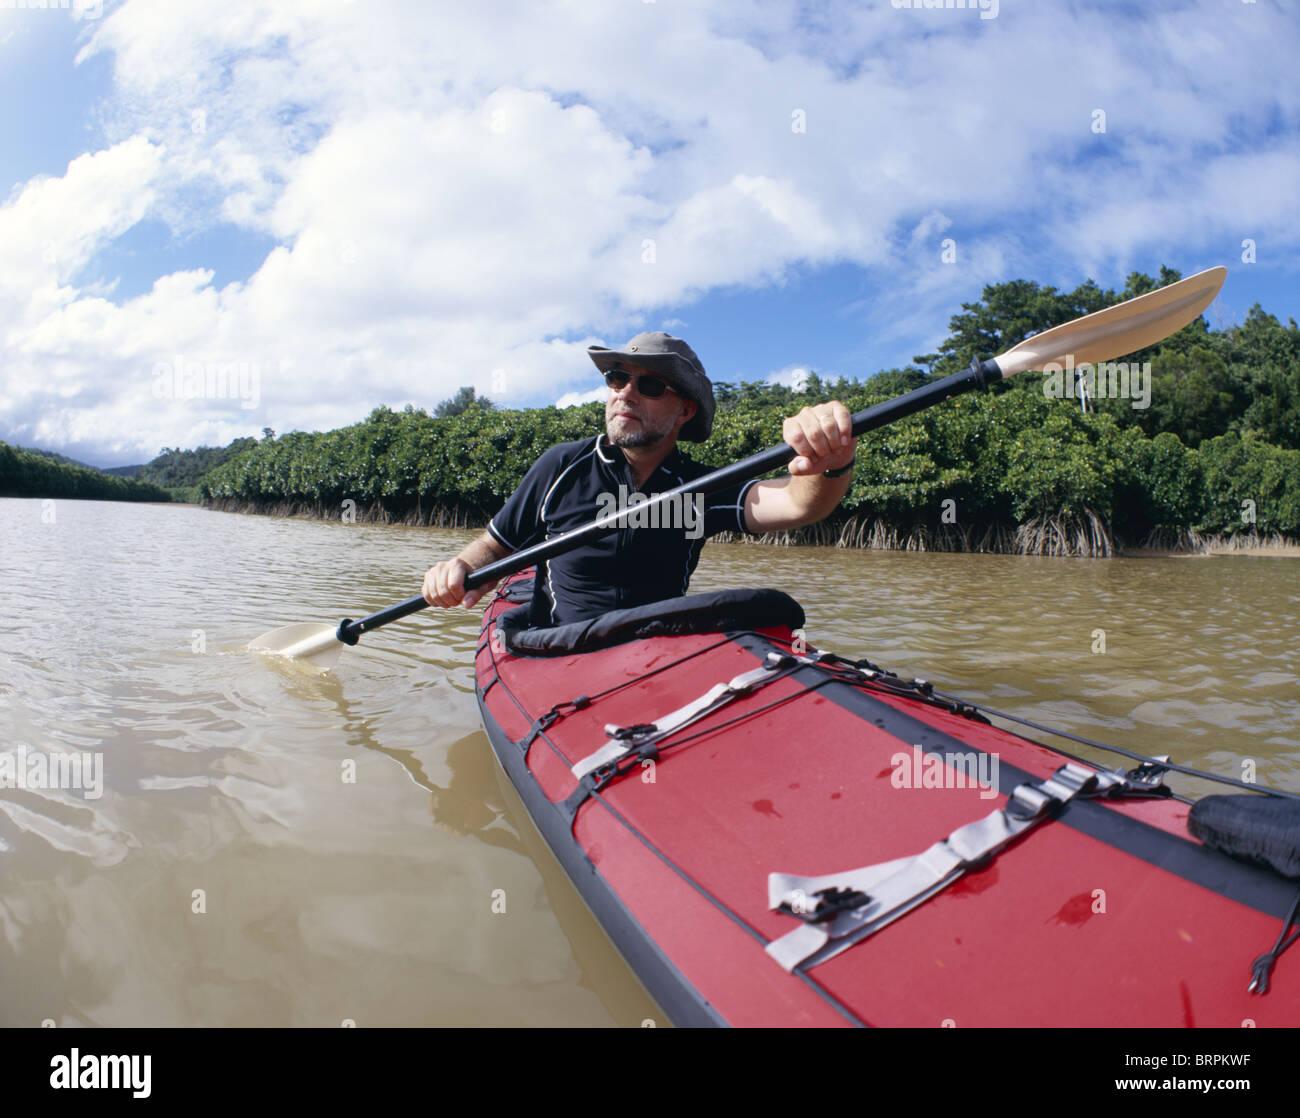 Kayaking along mangrove lined river, Okinawa Japan  Using